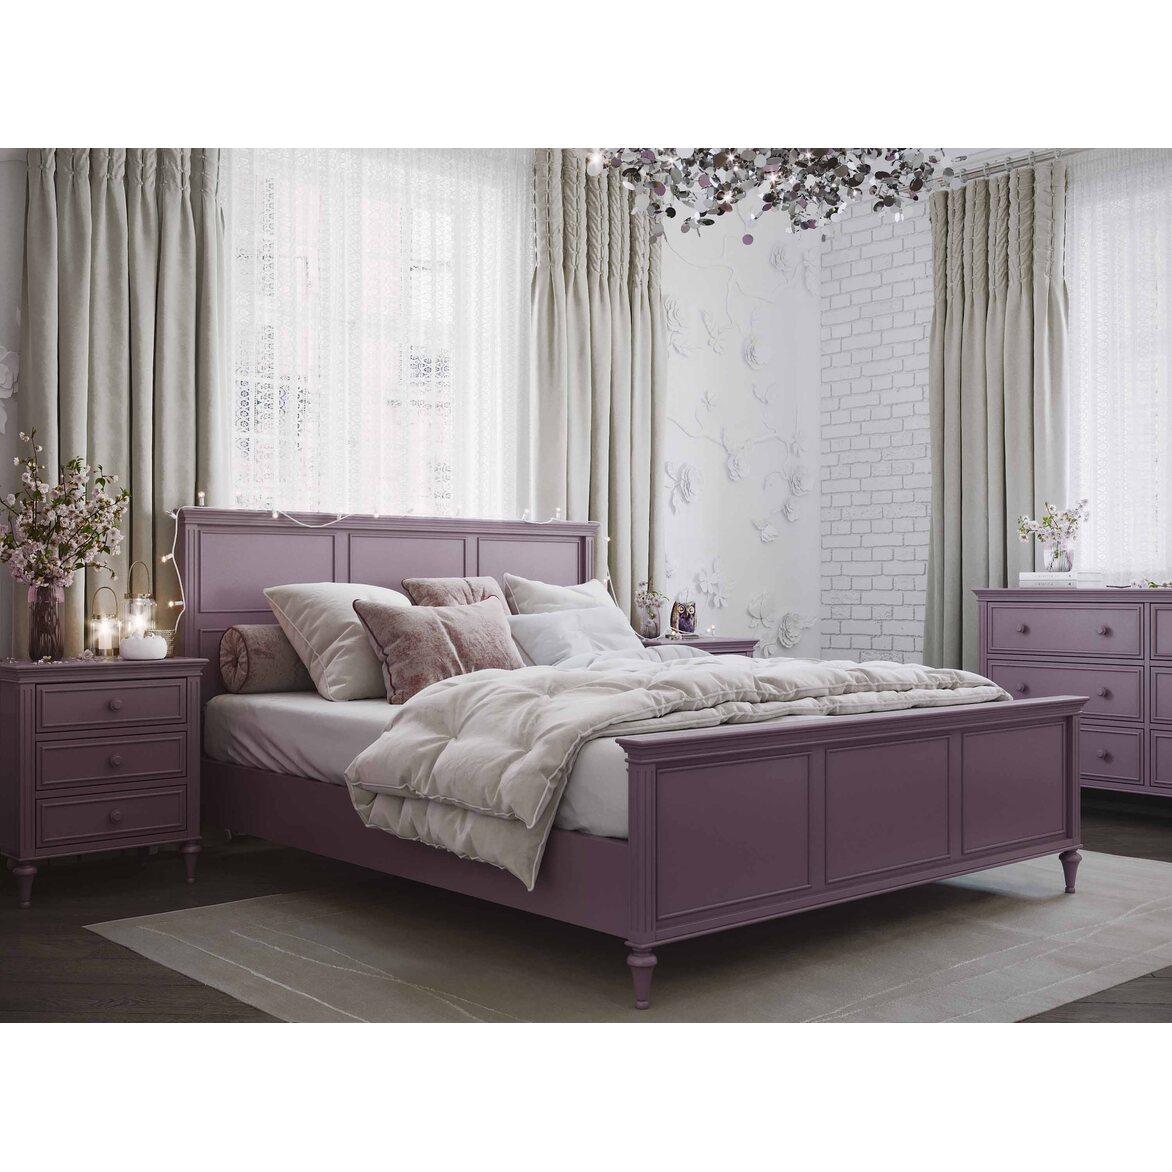 Кровать 160*200 Riverdi, орхидея 4 | Двуспальные кровати Kingsby